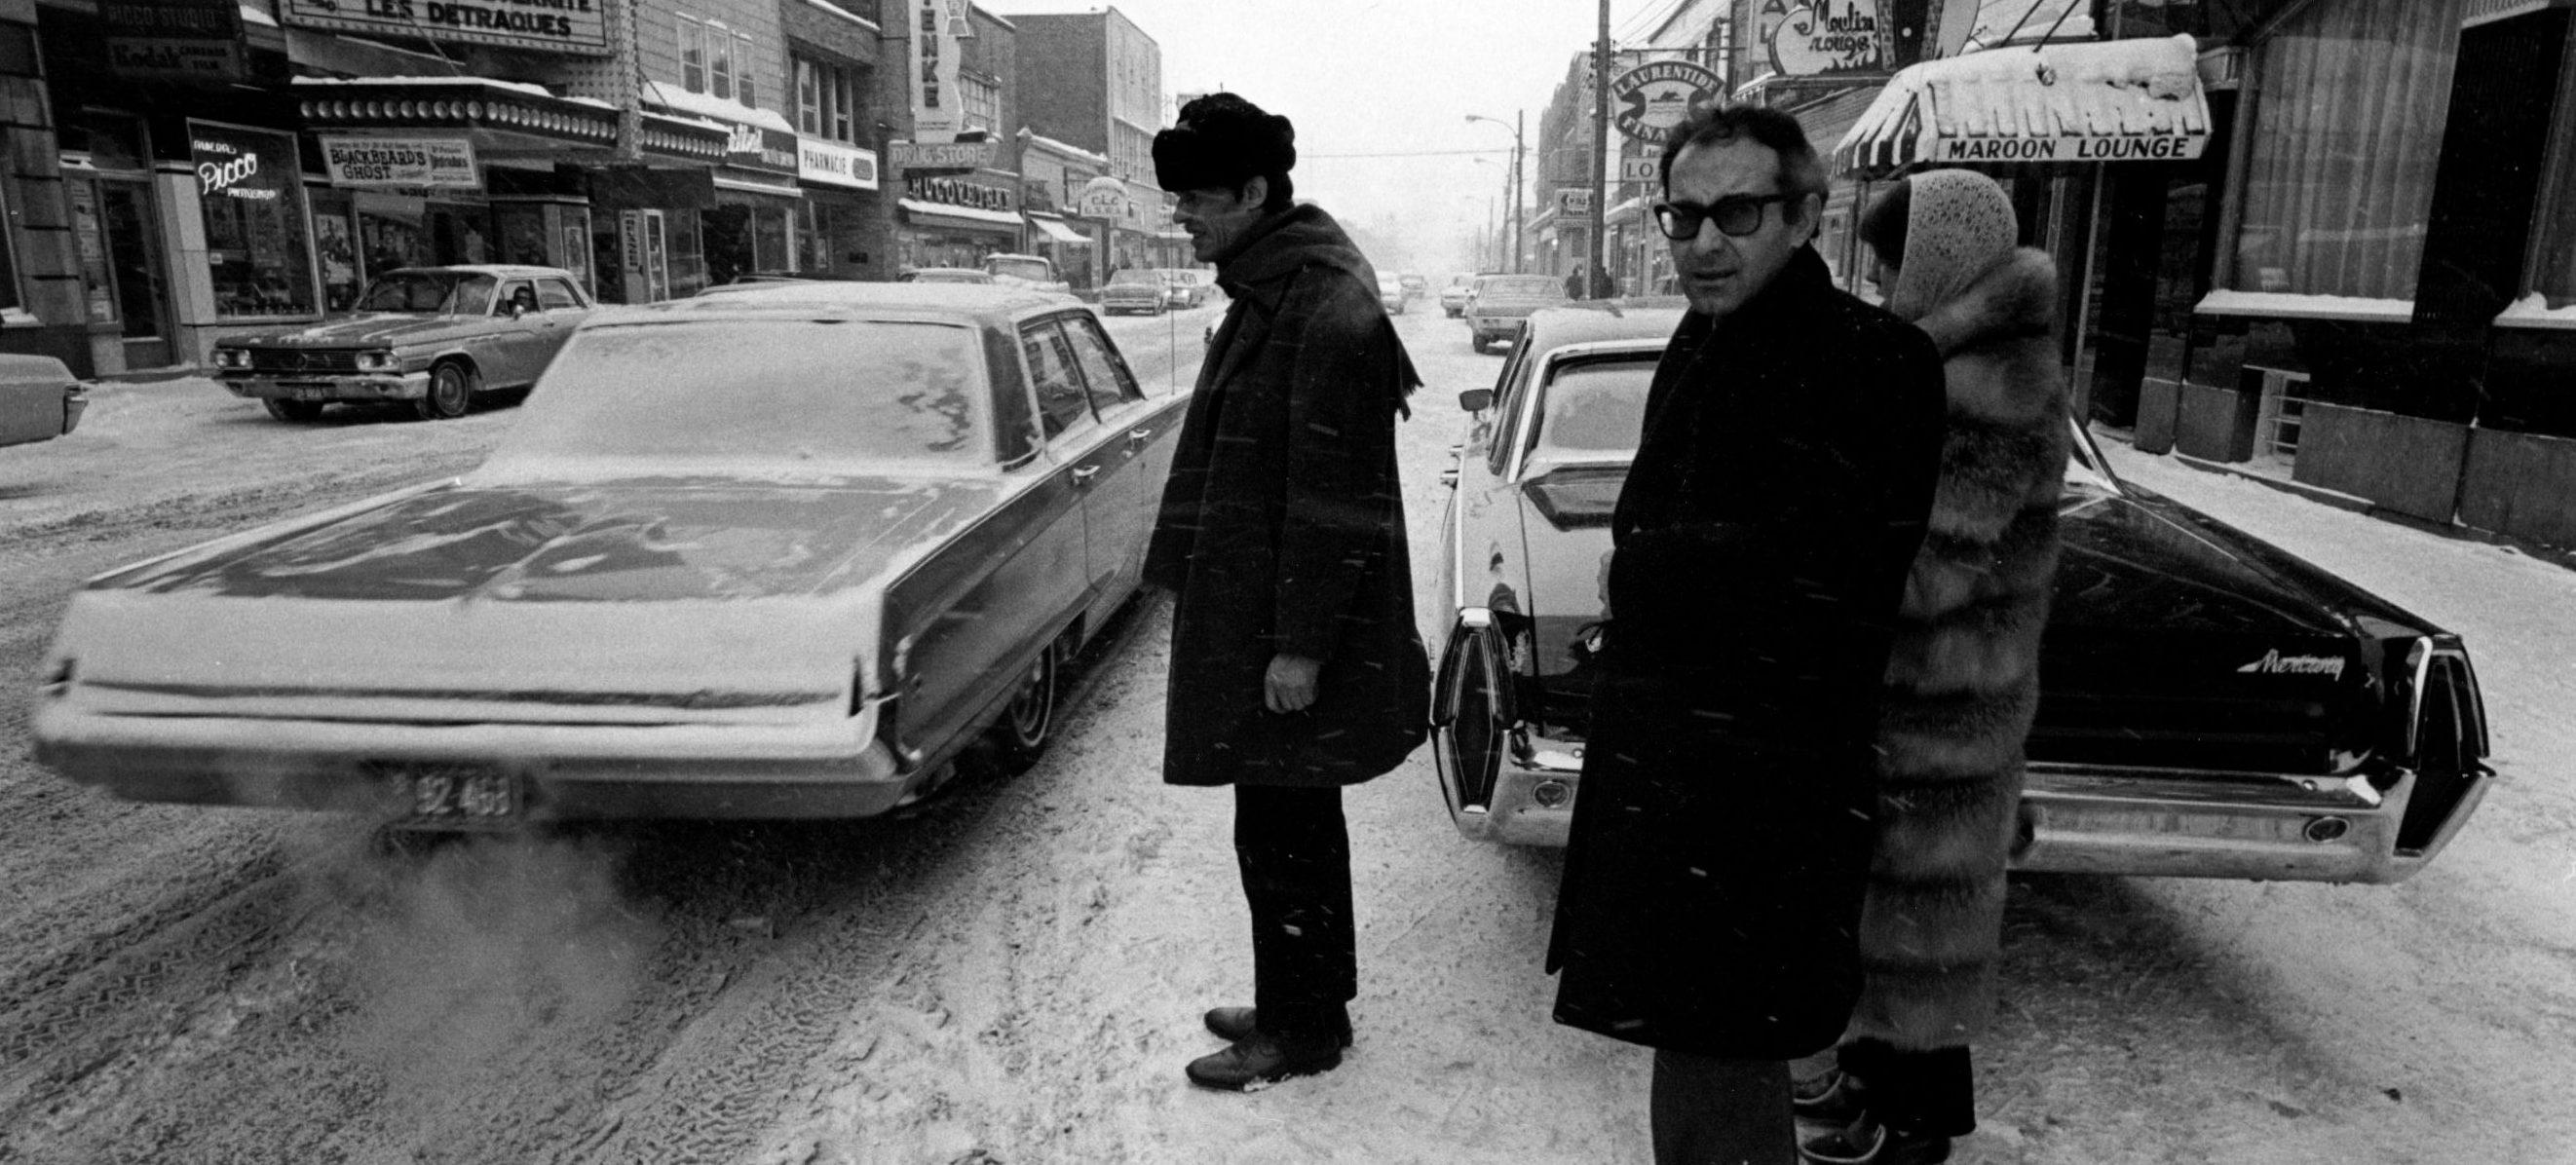 Mai 68 et le passage de Jean-Luc Godard au Québec